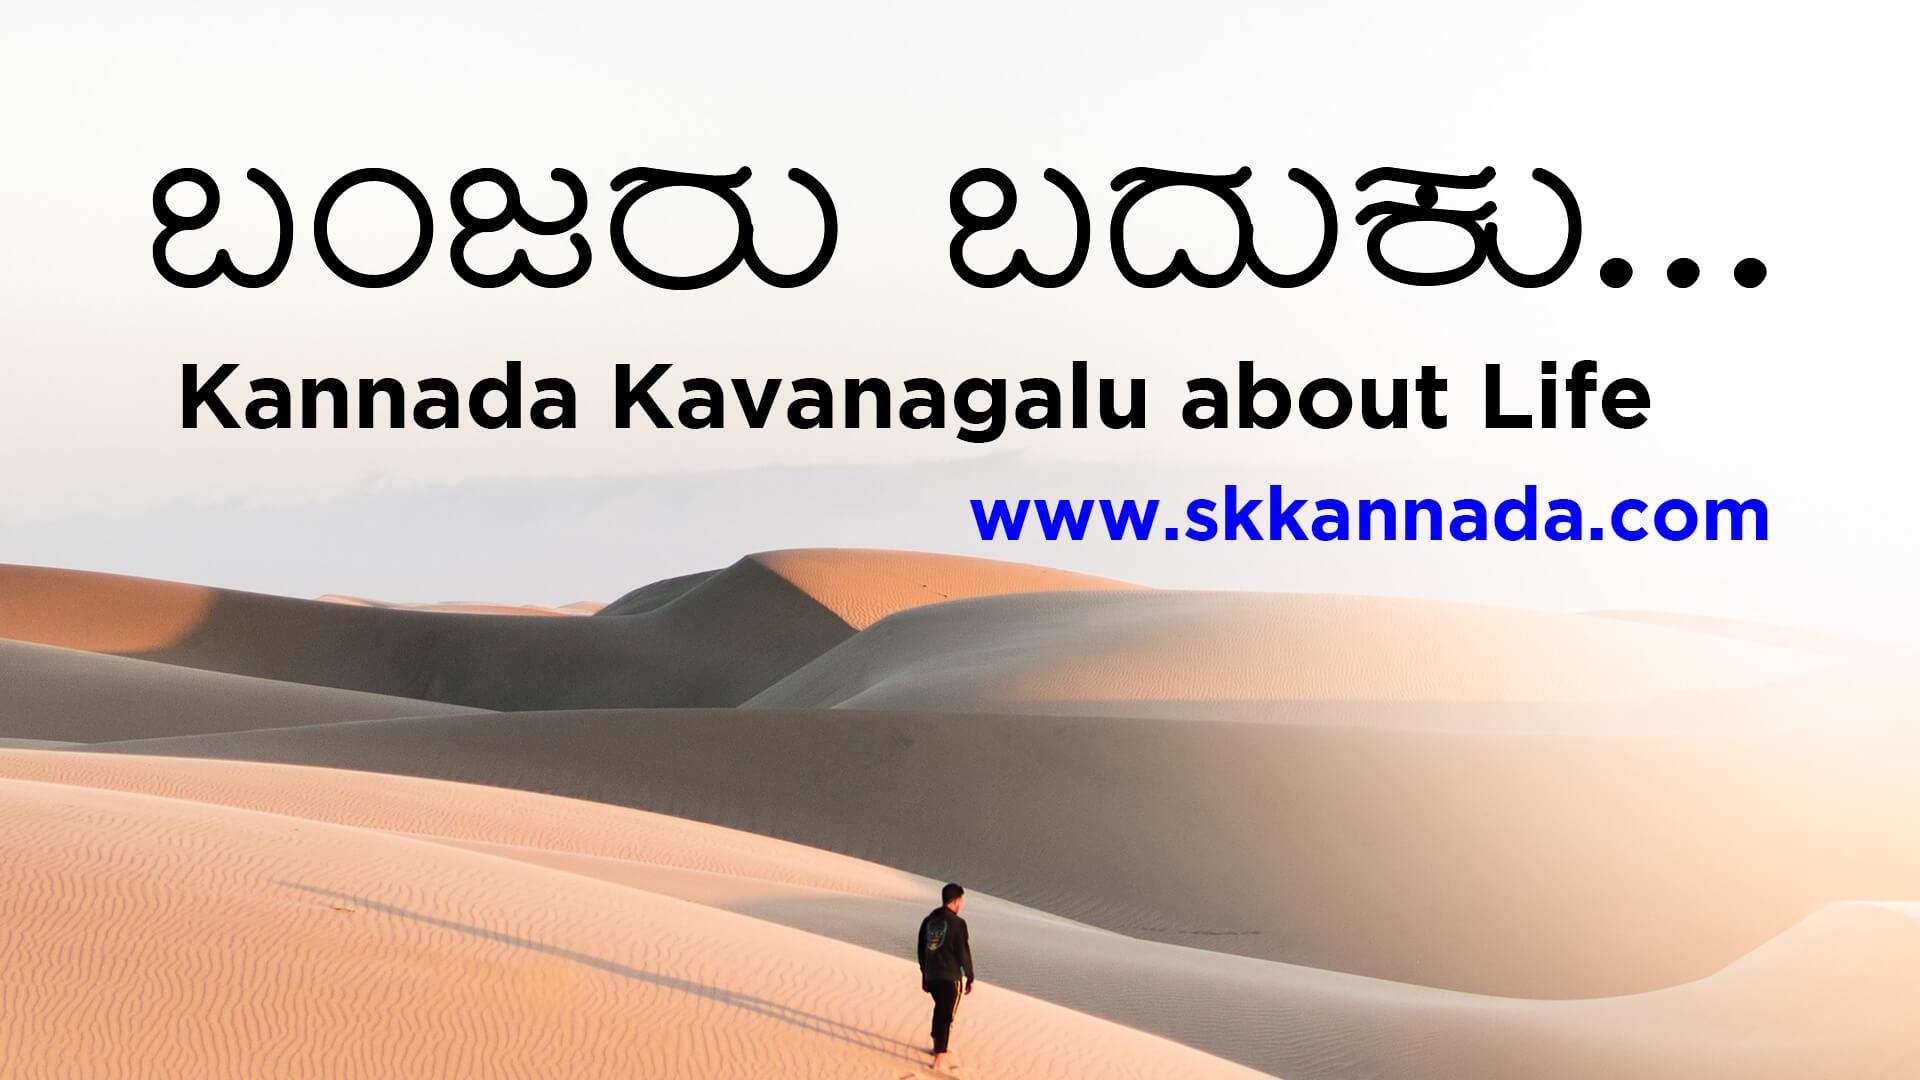 ಬಂಜರು ಬದುಕು - Kannada Kavanagalu about life